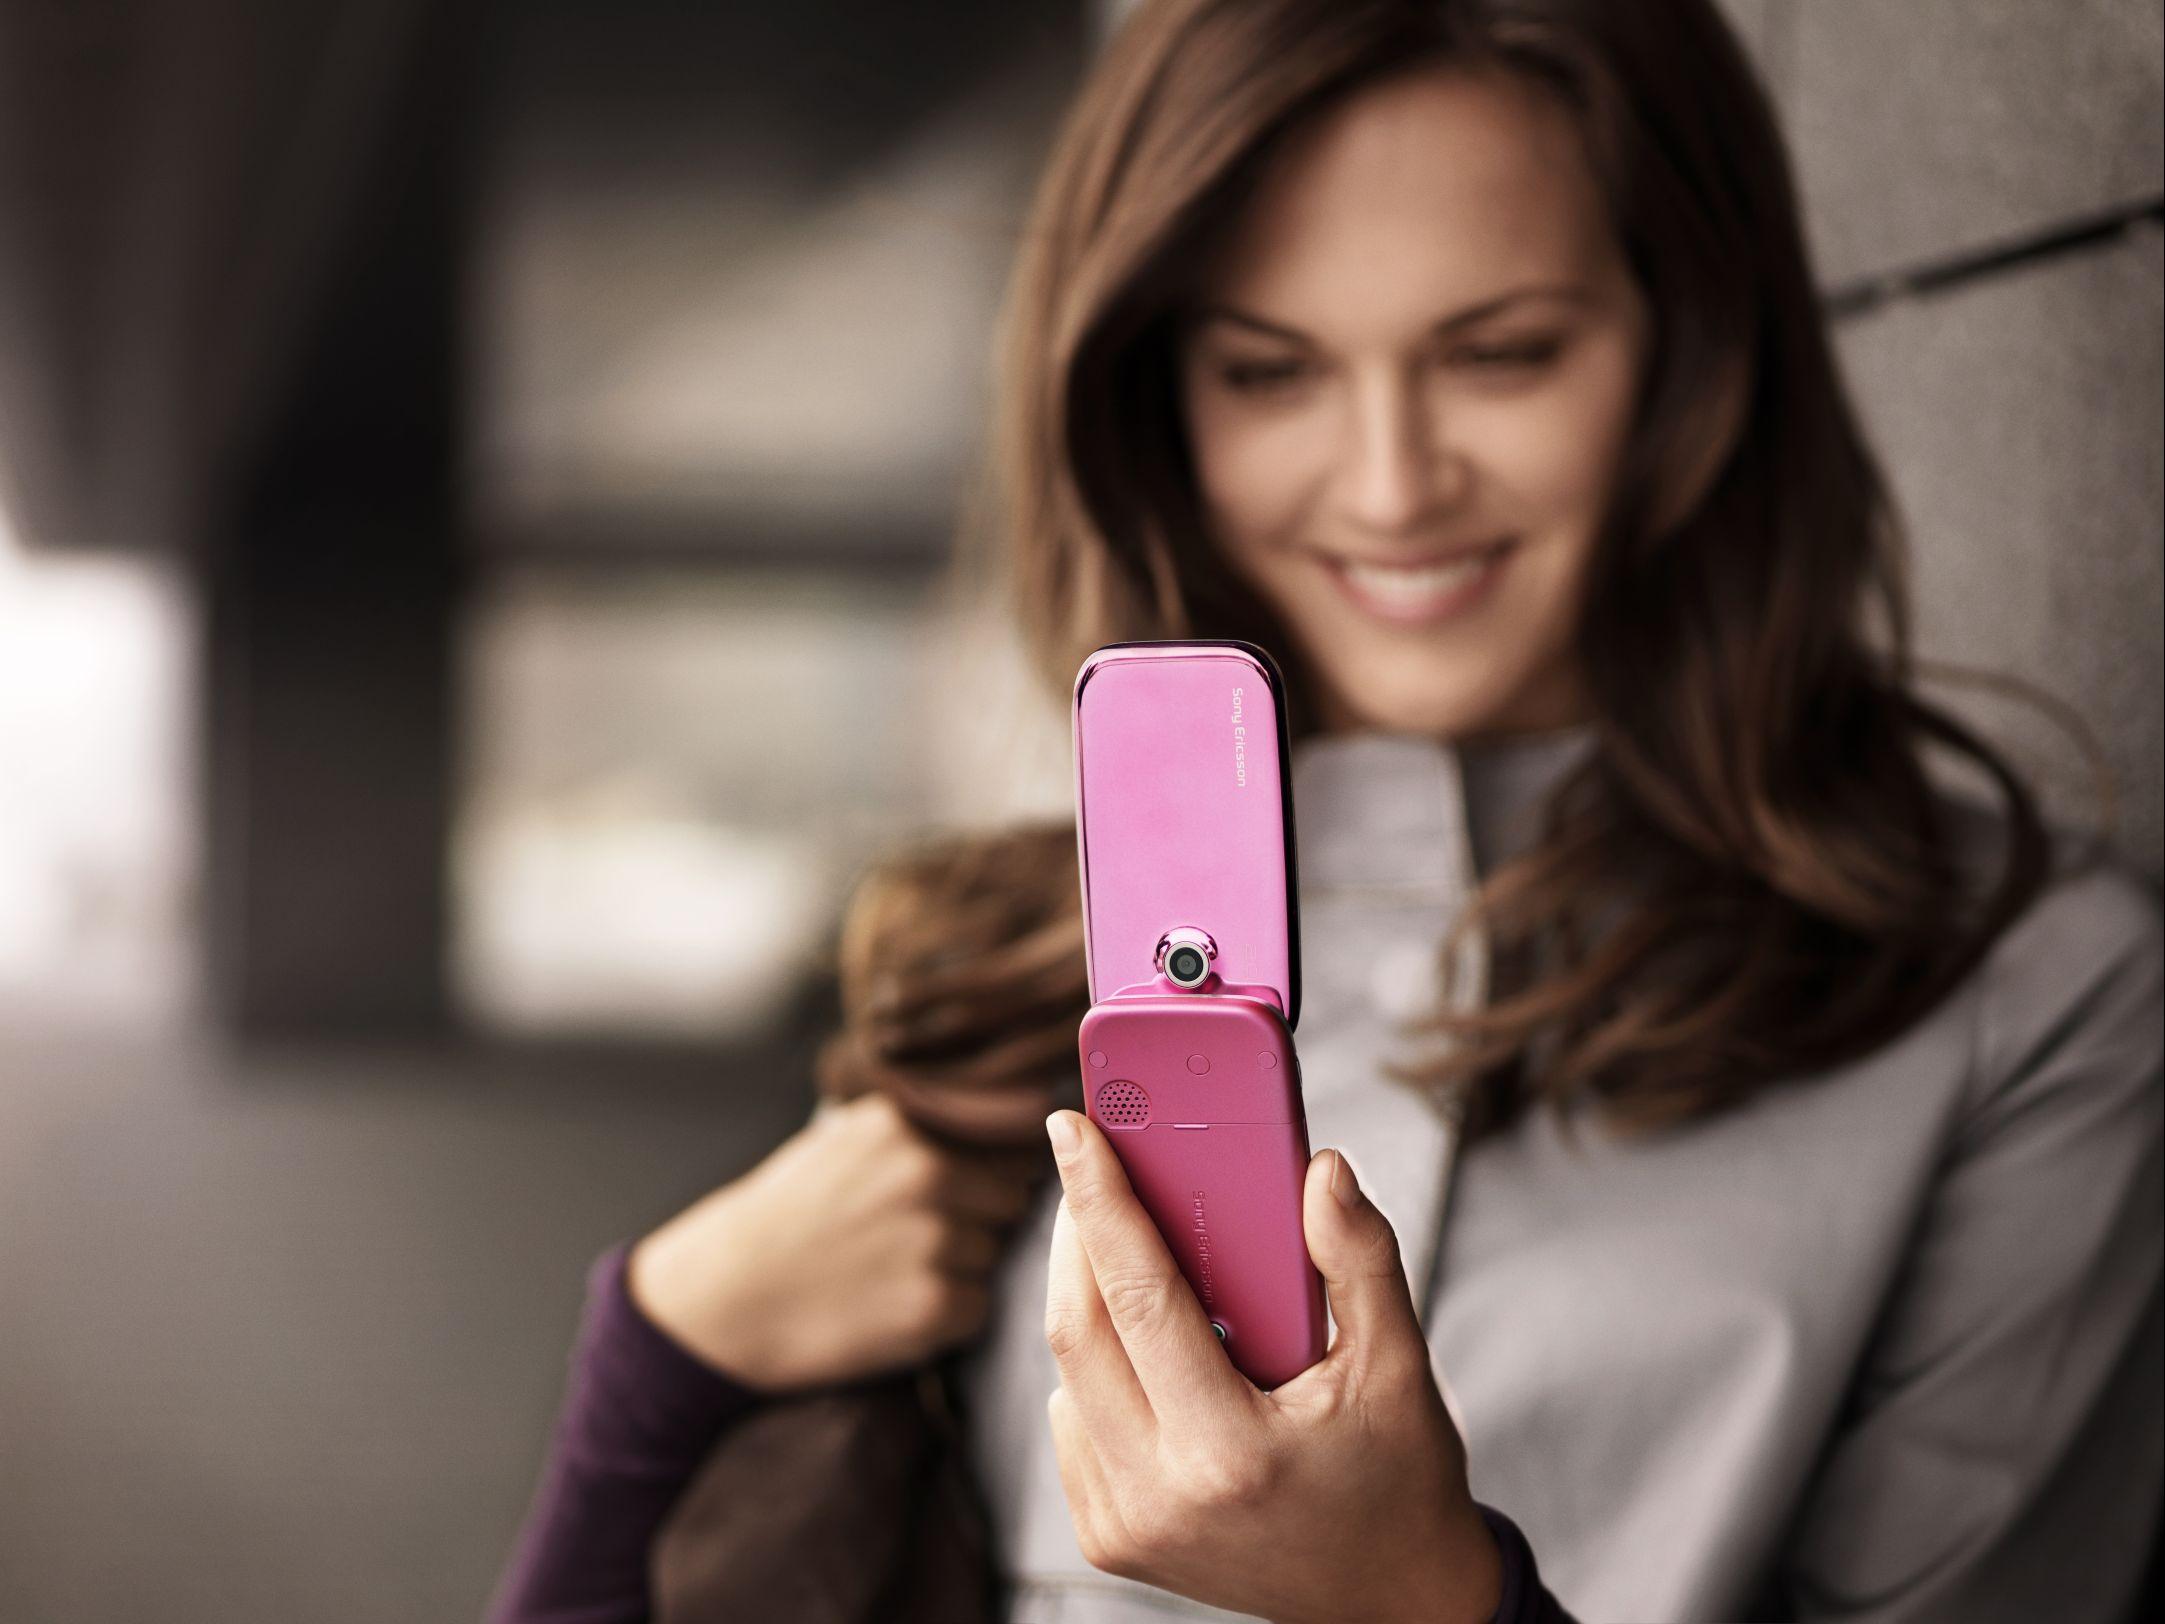 Фото девушки на мобильный телефон 1 фотография